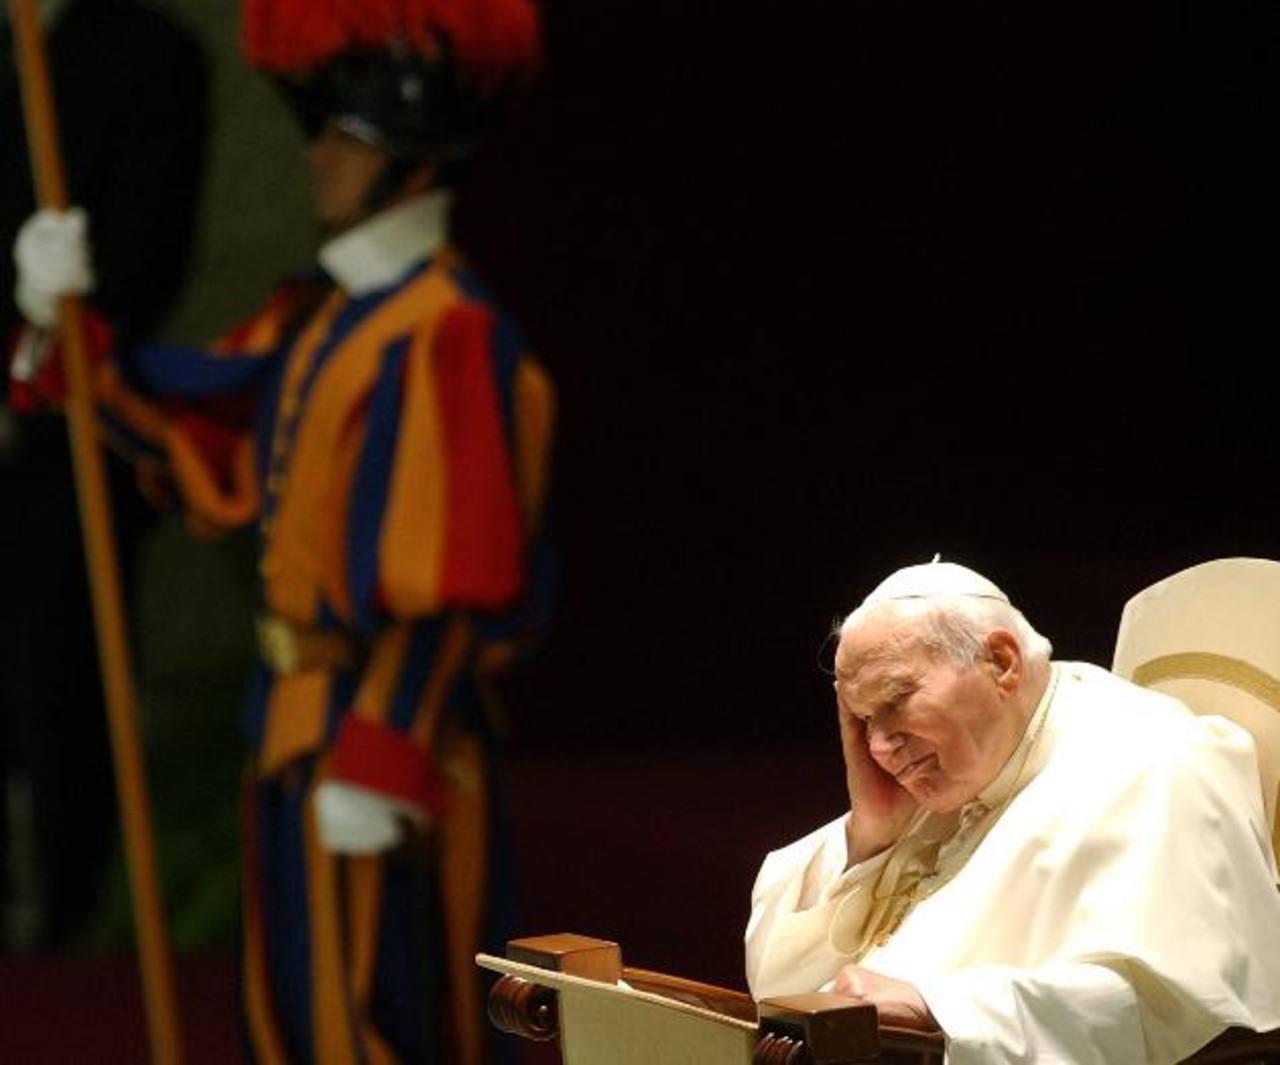 Juan Pablo II podría ser proclamado santo el 20 de octubre, fecha cercana al 35 aniversario de su pontificado.